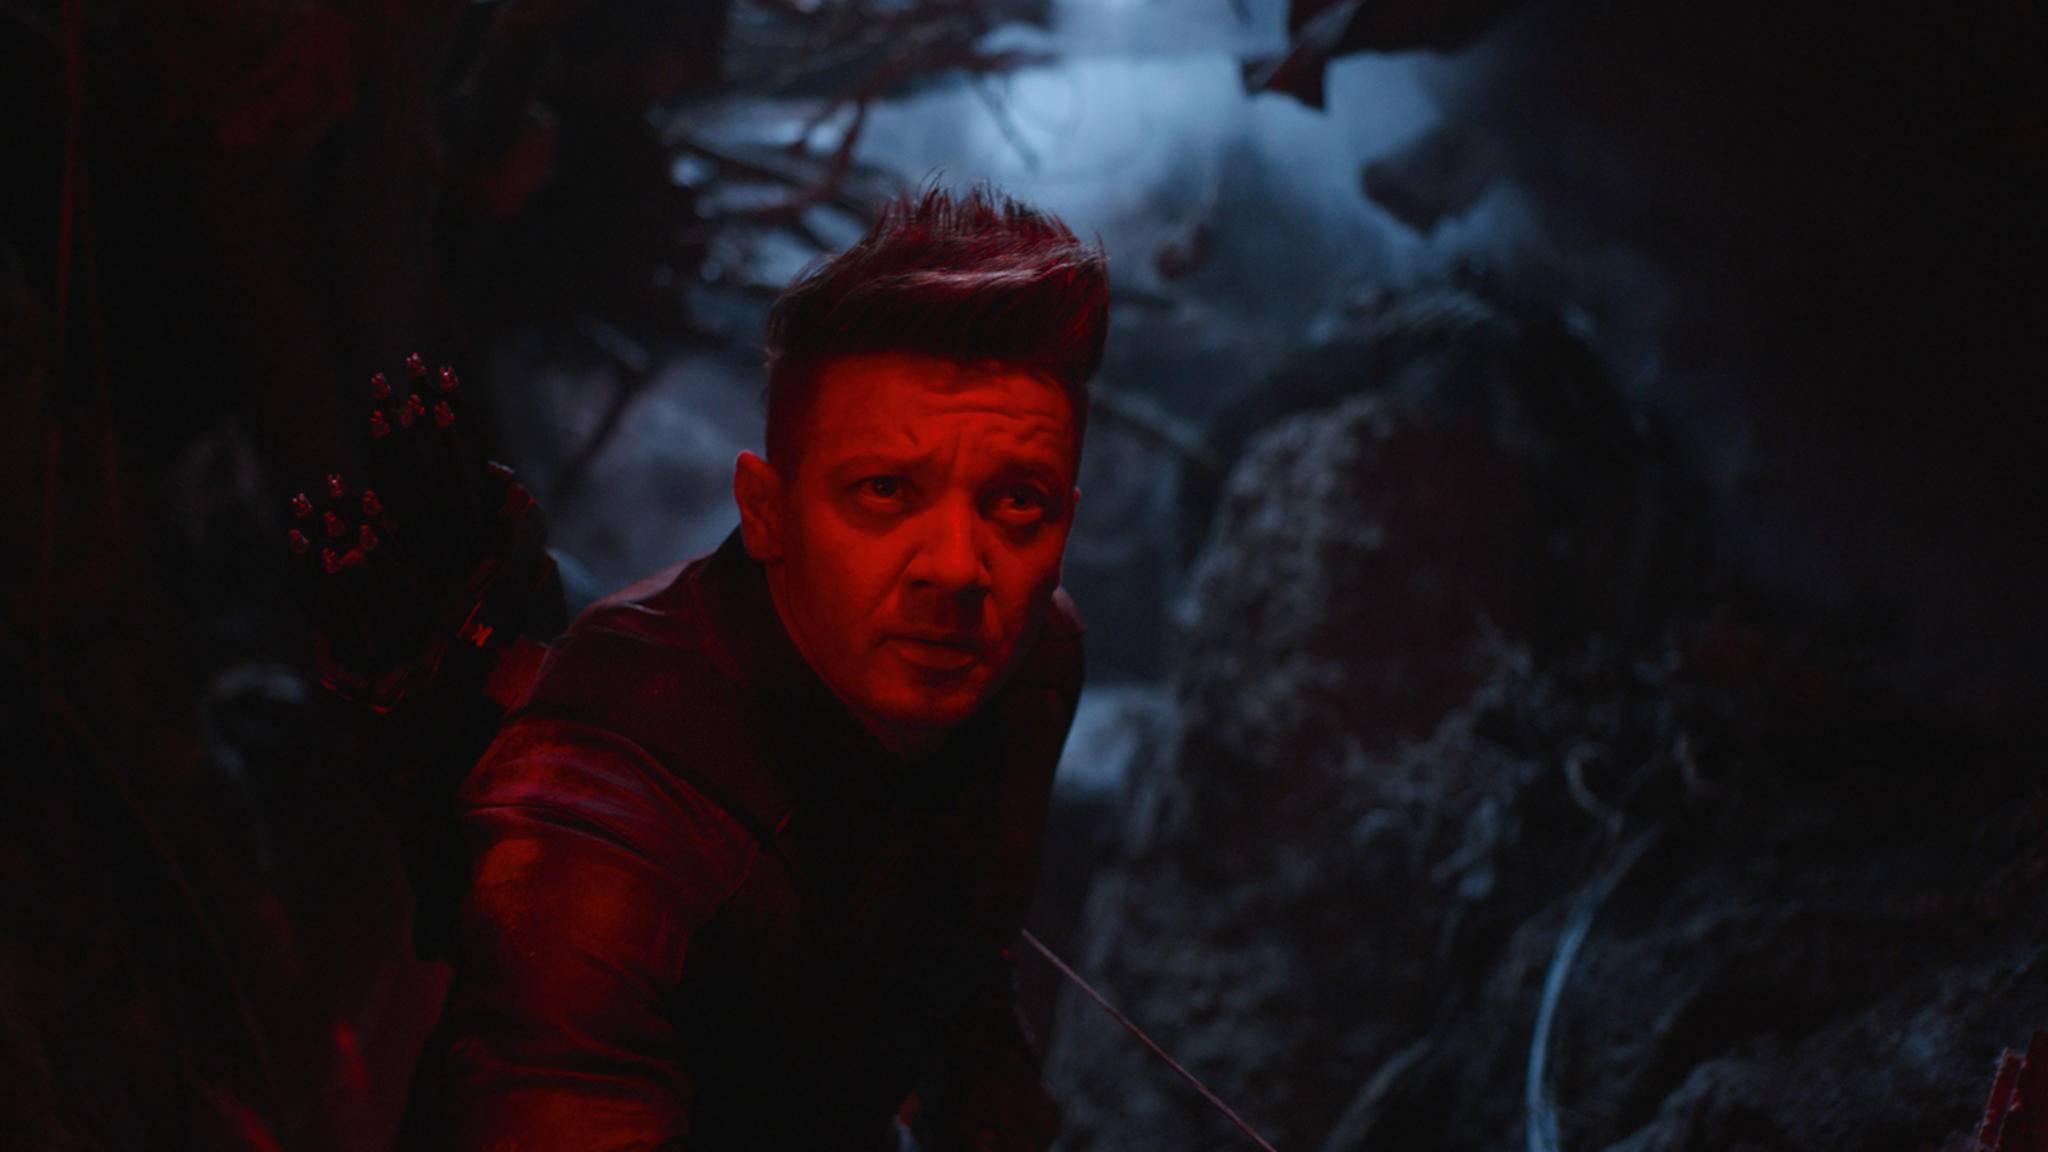 Auch Hawkeye bekommt eine eigene Serie auf Disney+.